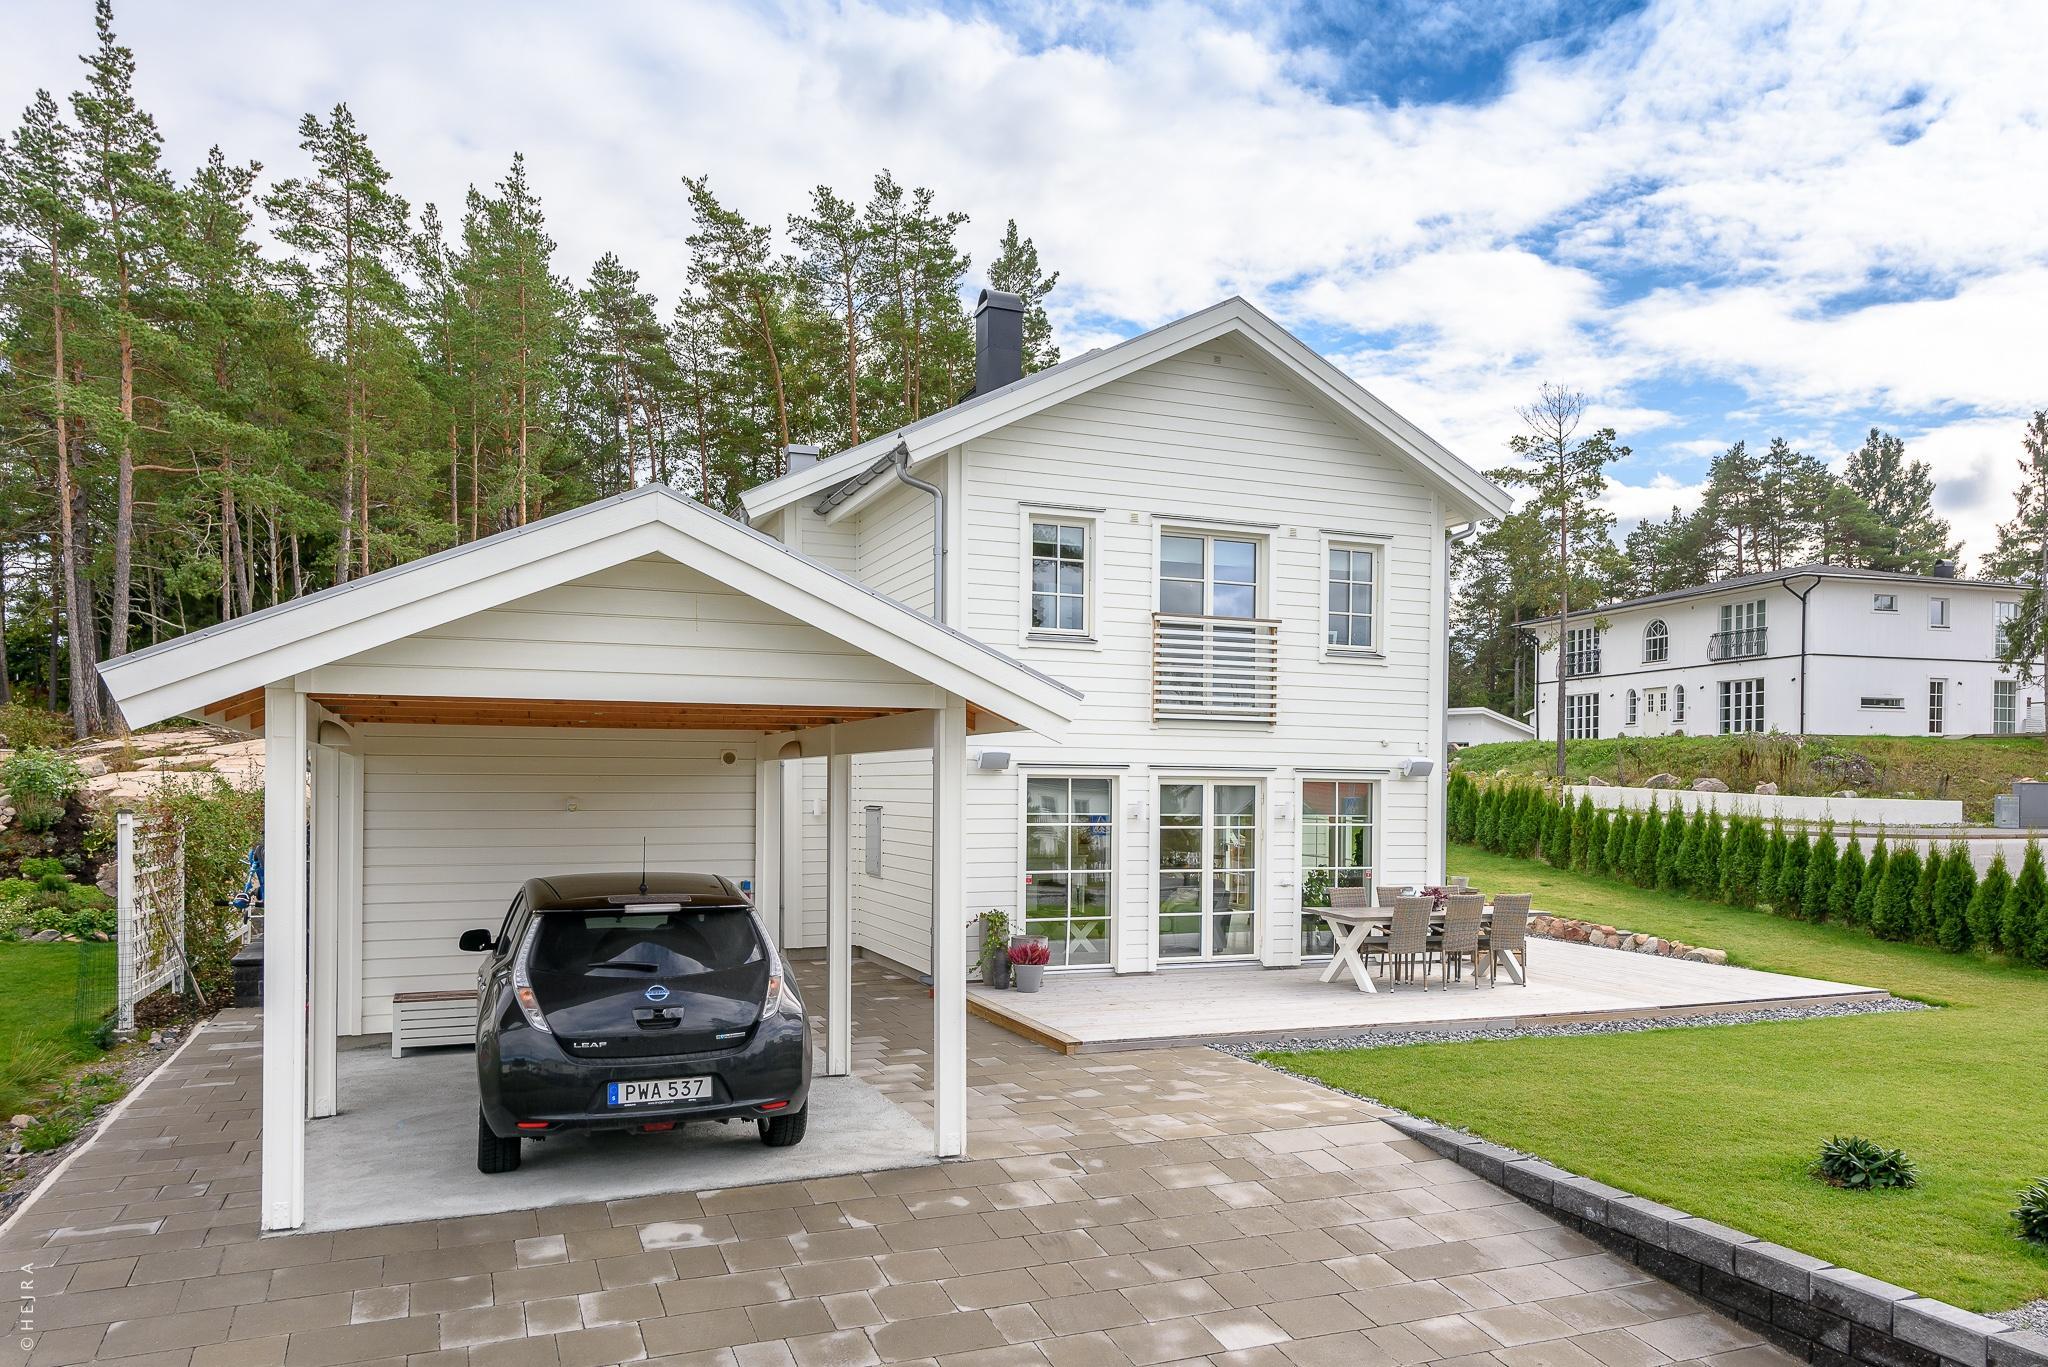 загородный деревянный дом гараж терраса уличная мебель газон